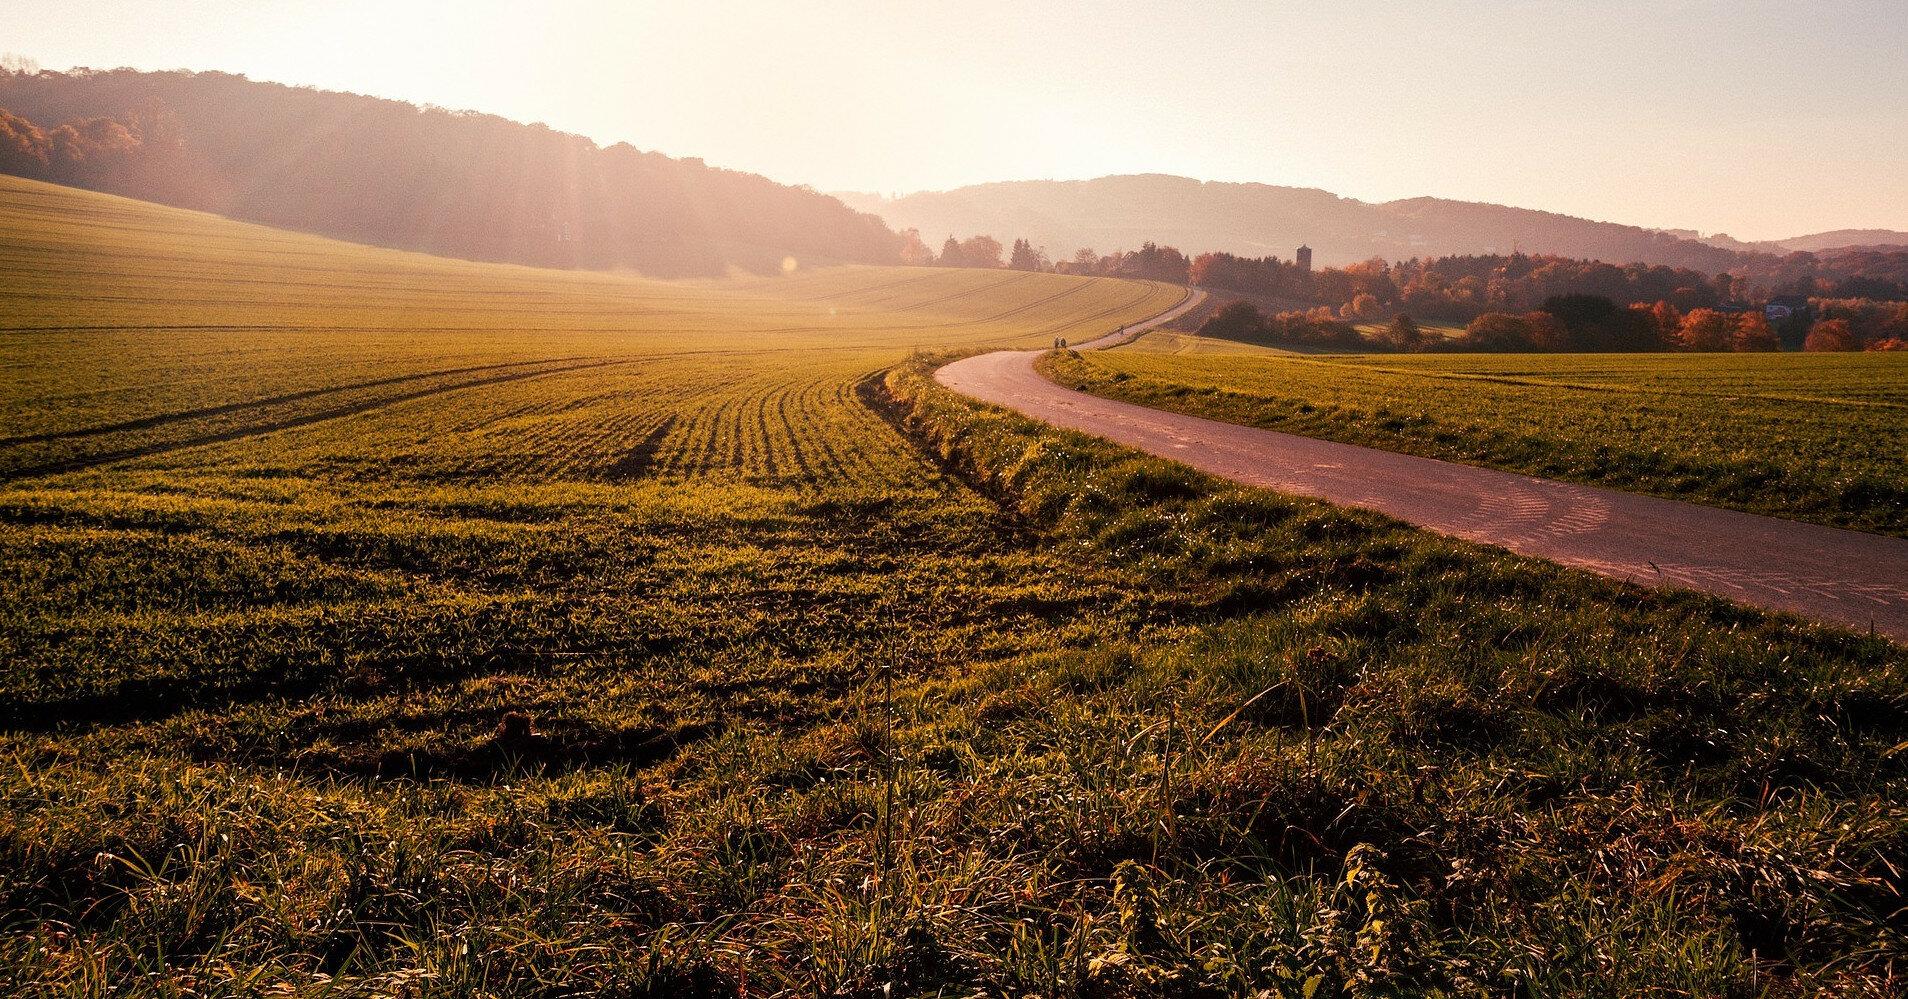 Цена гектара земли достигла 28 тыс. грн и будет расти